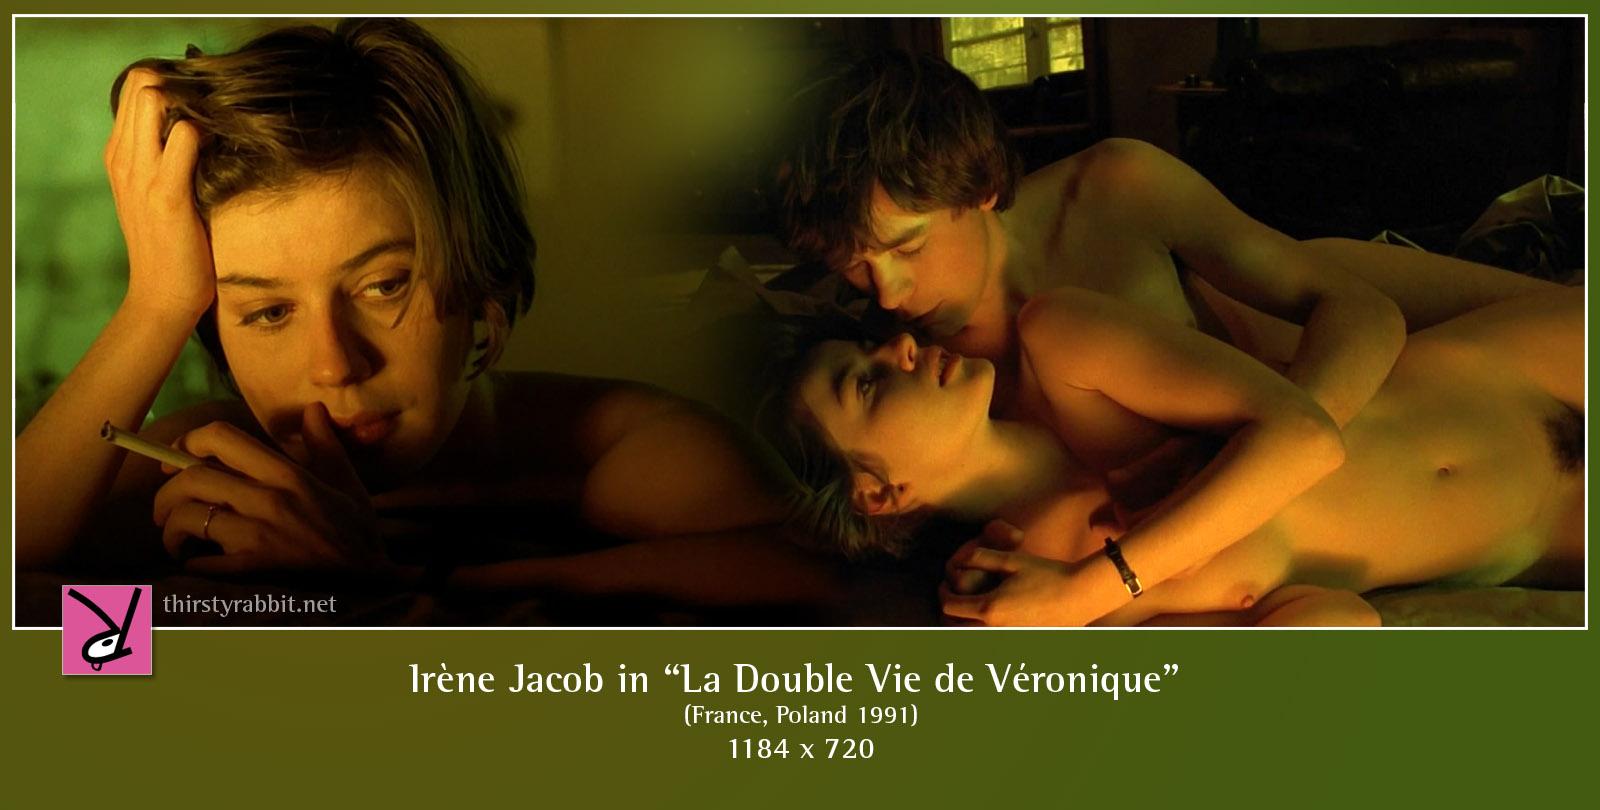 nudity in european movies